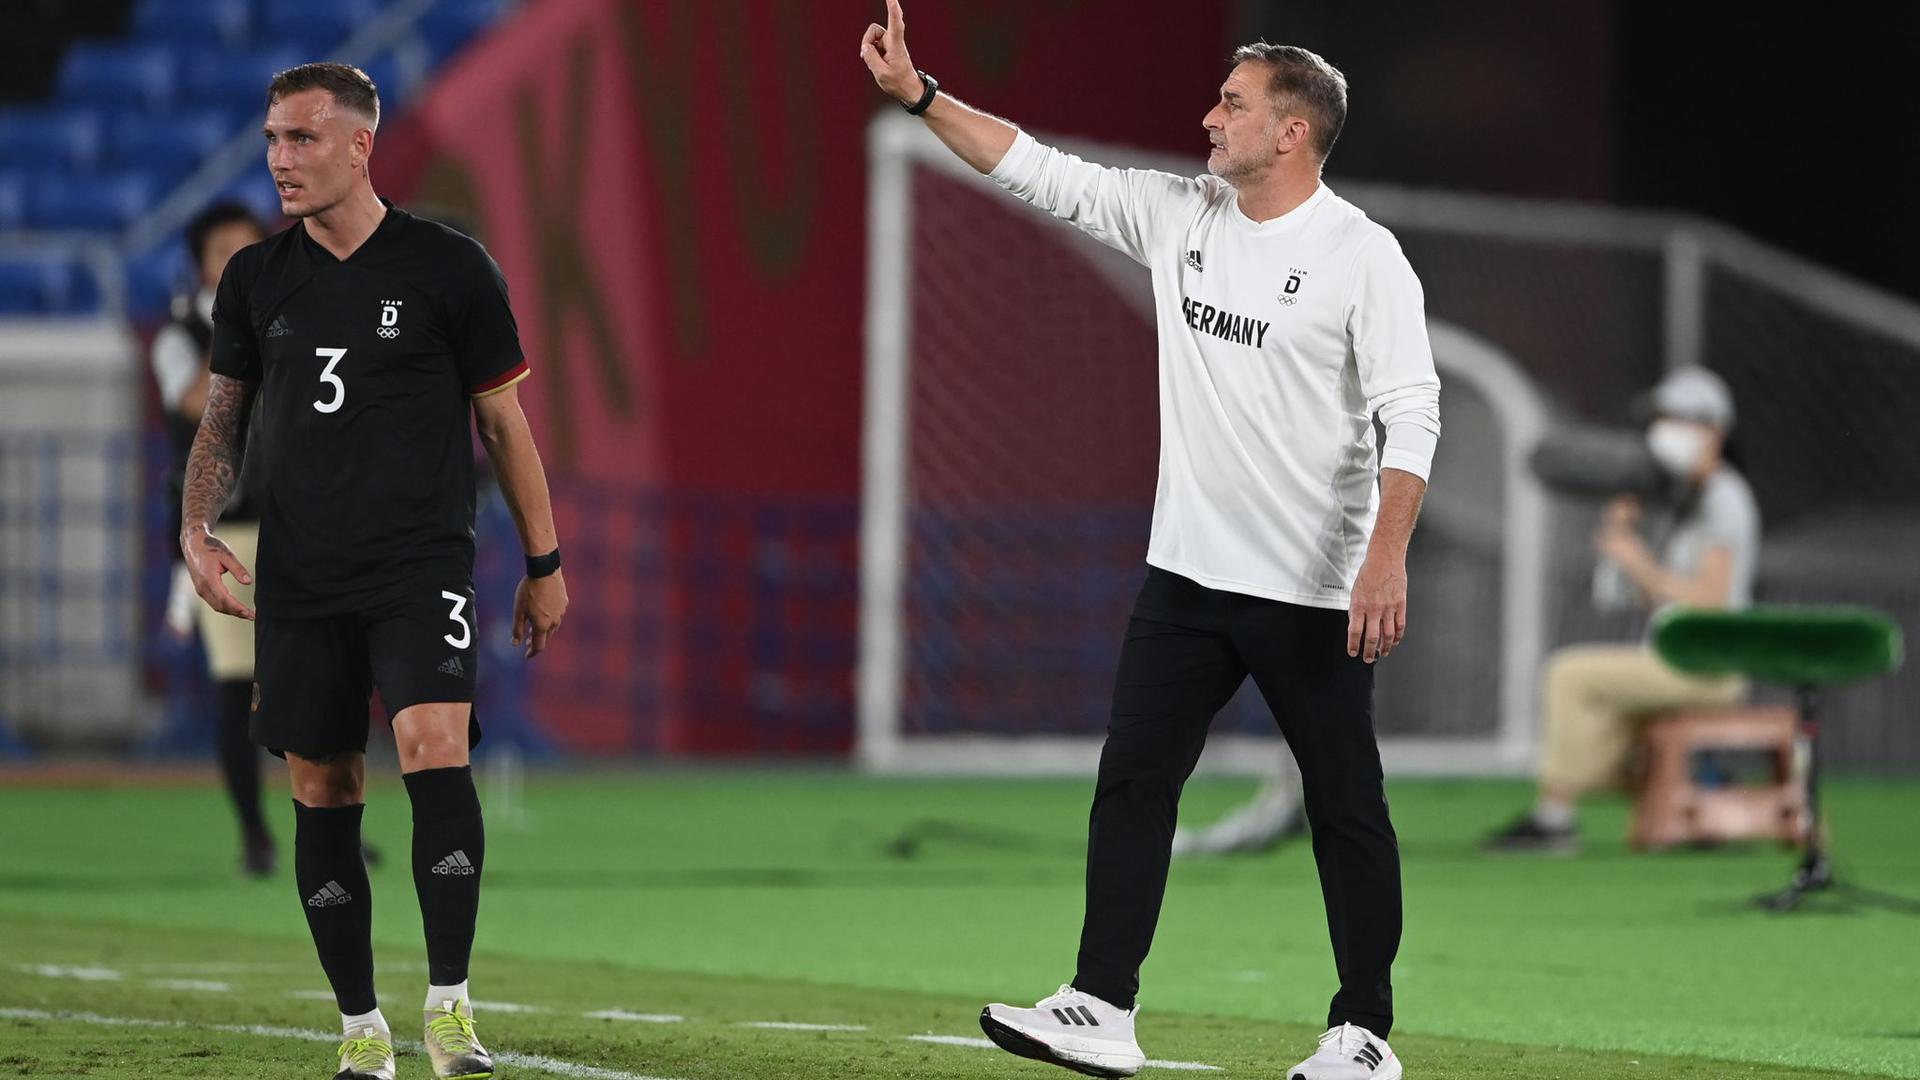 Trainer Stefan Kuntz trifft mit seinem Team im nächsten Spiel auf die Mannschaft der Elfenbeinküste.